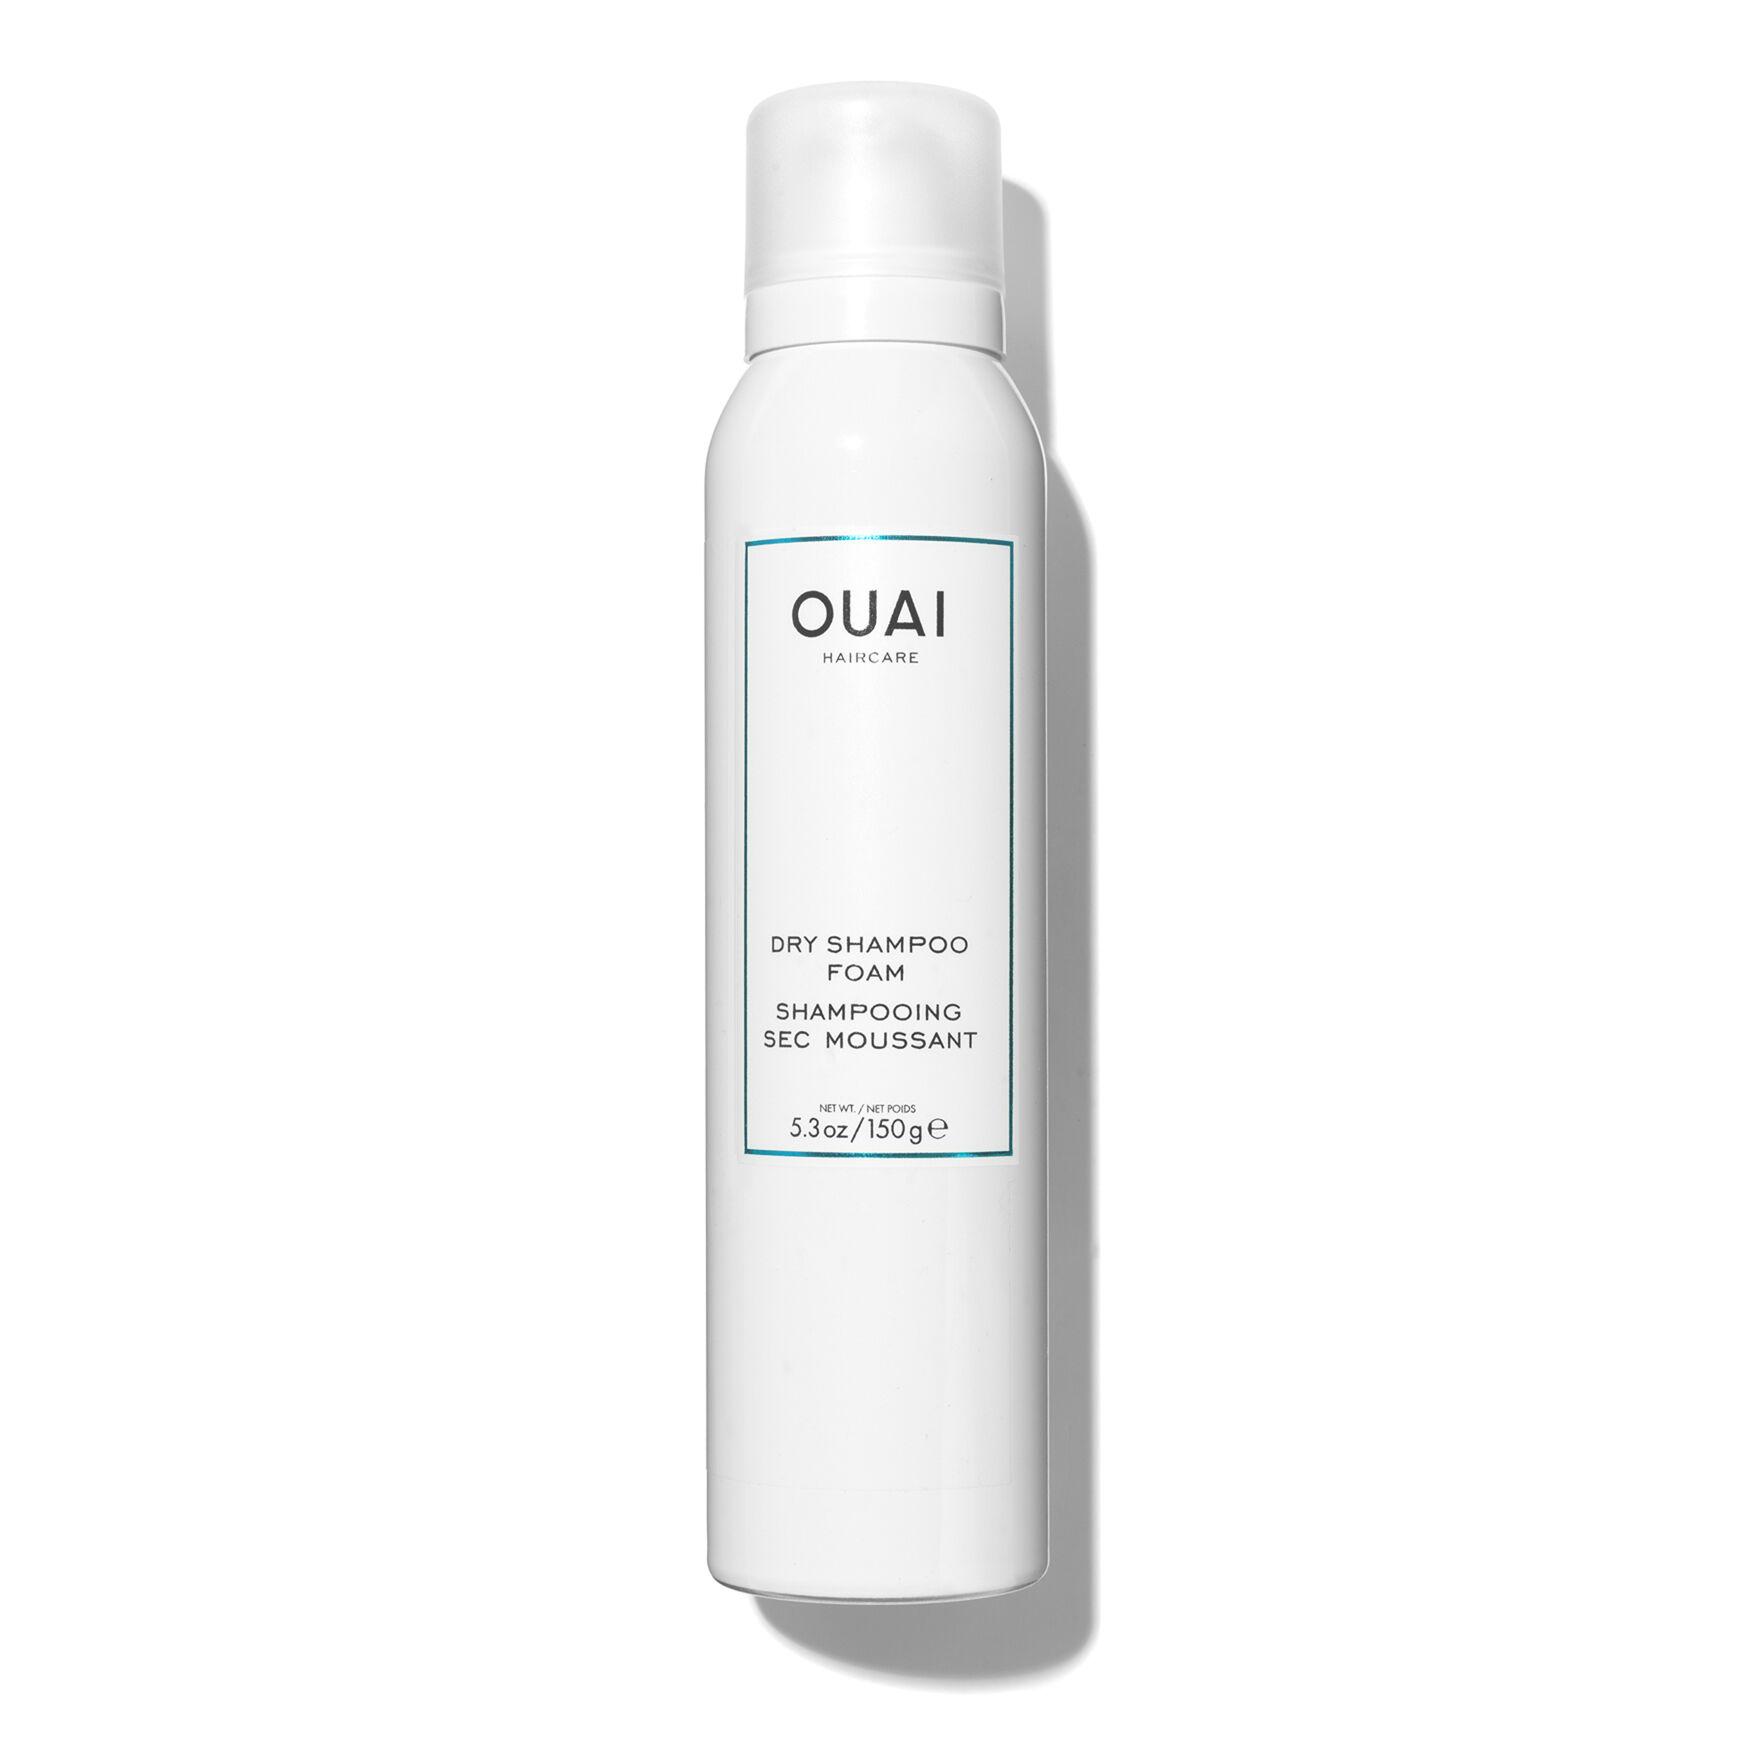 Ouai Dry Shampoo Foam Space Nk